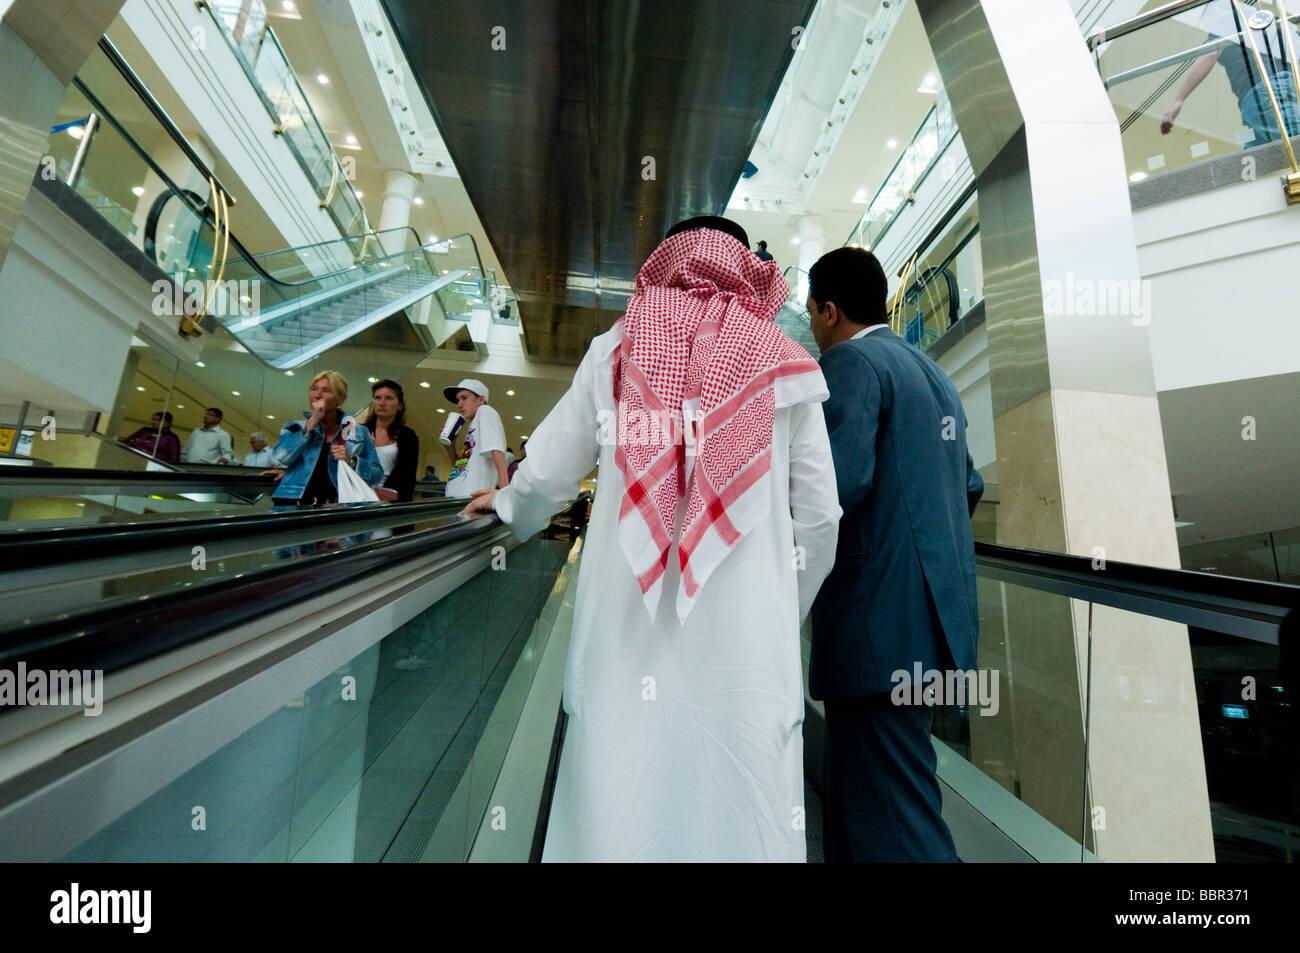 Deira city Center Shopping center Dubai - Stock Image